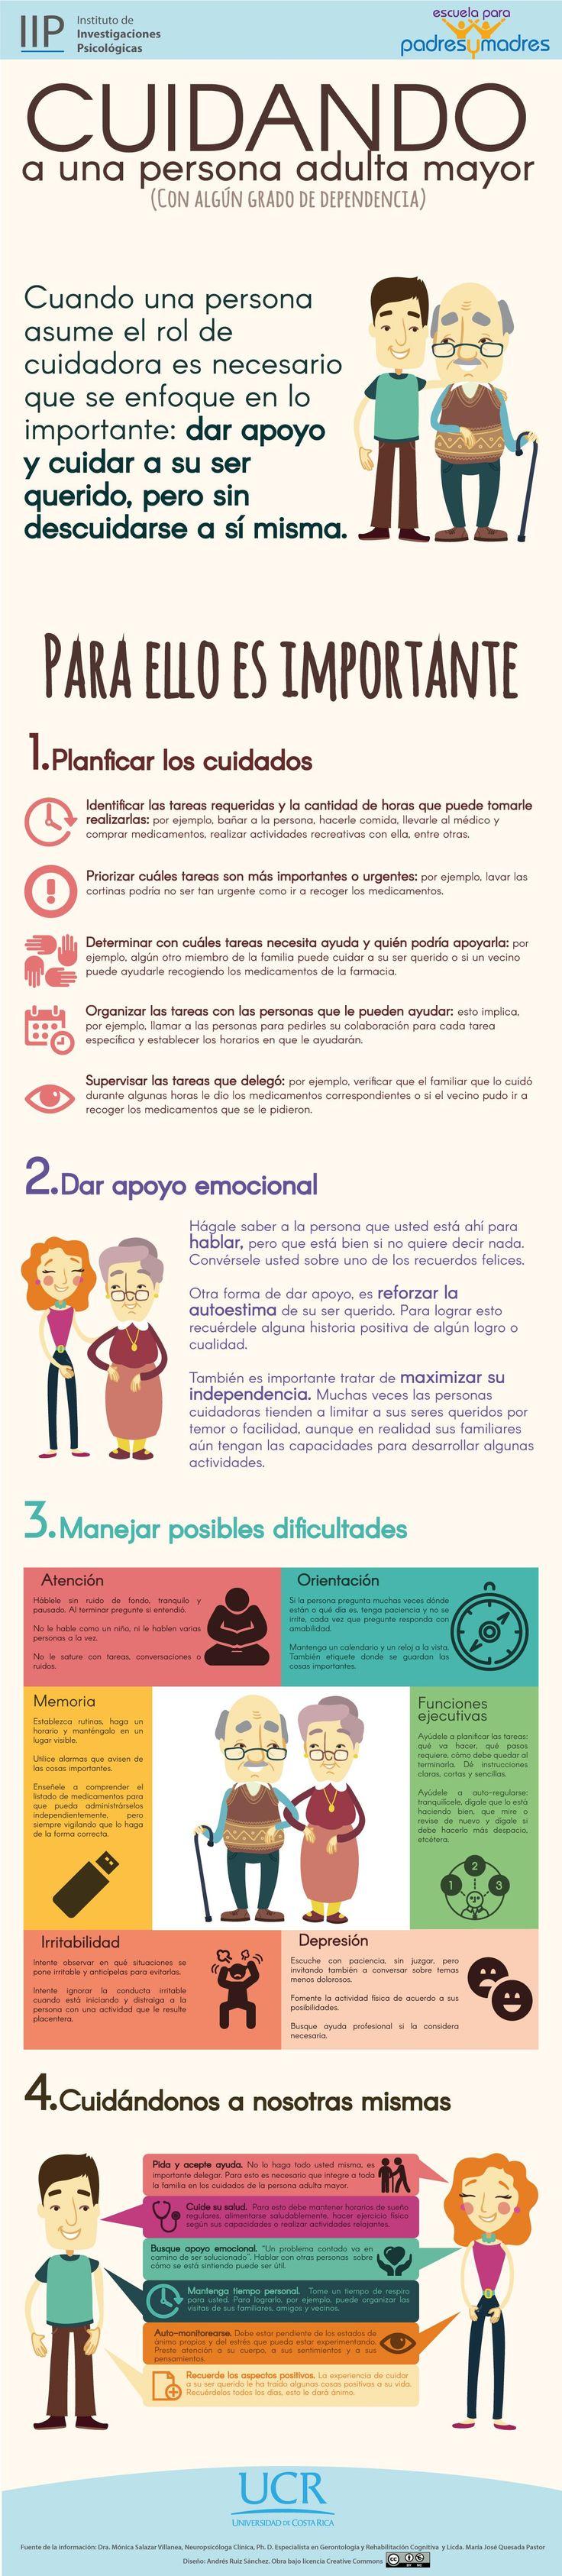 Segunda infografía sobre los cuidados de personas adultas mayores